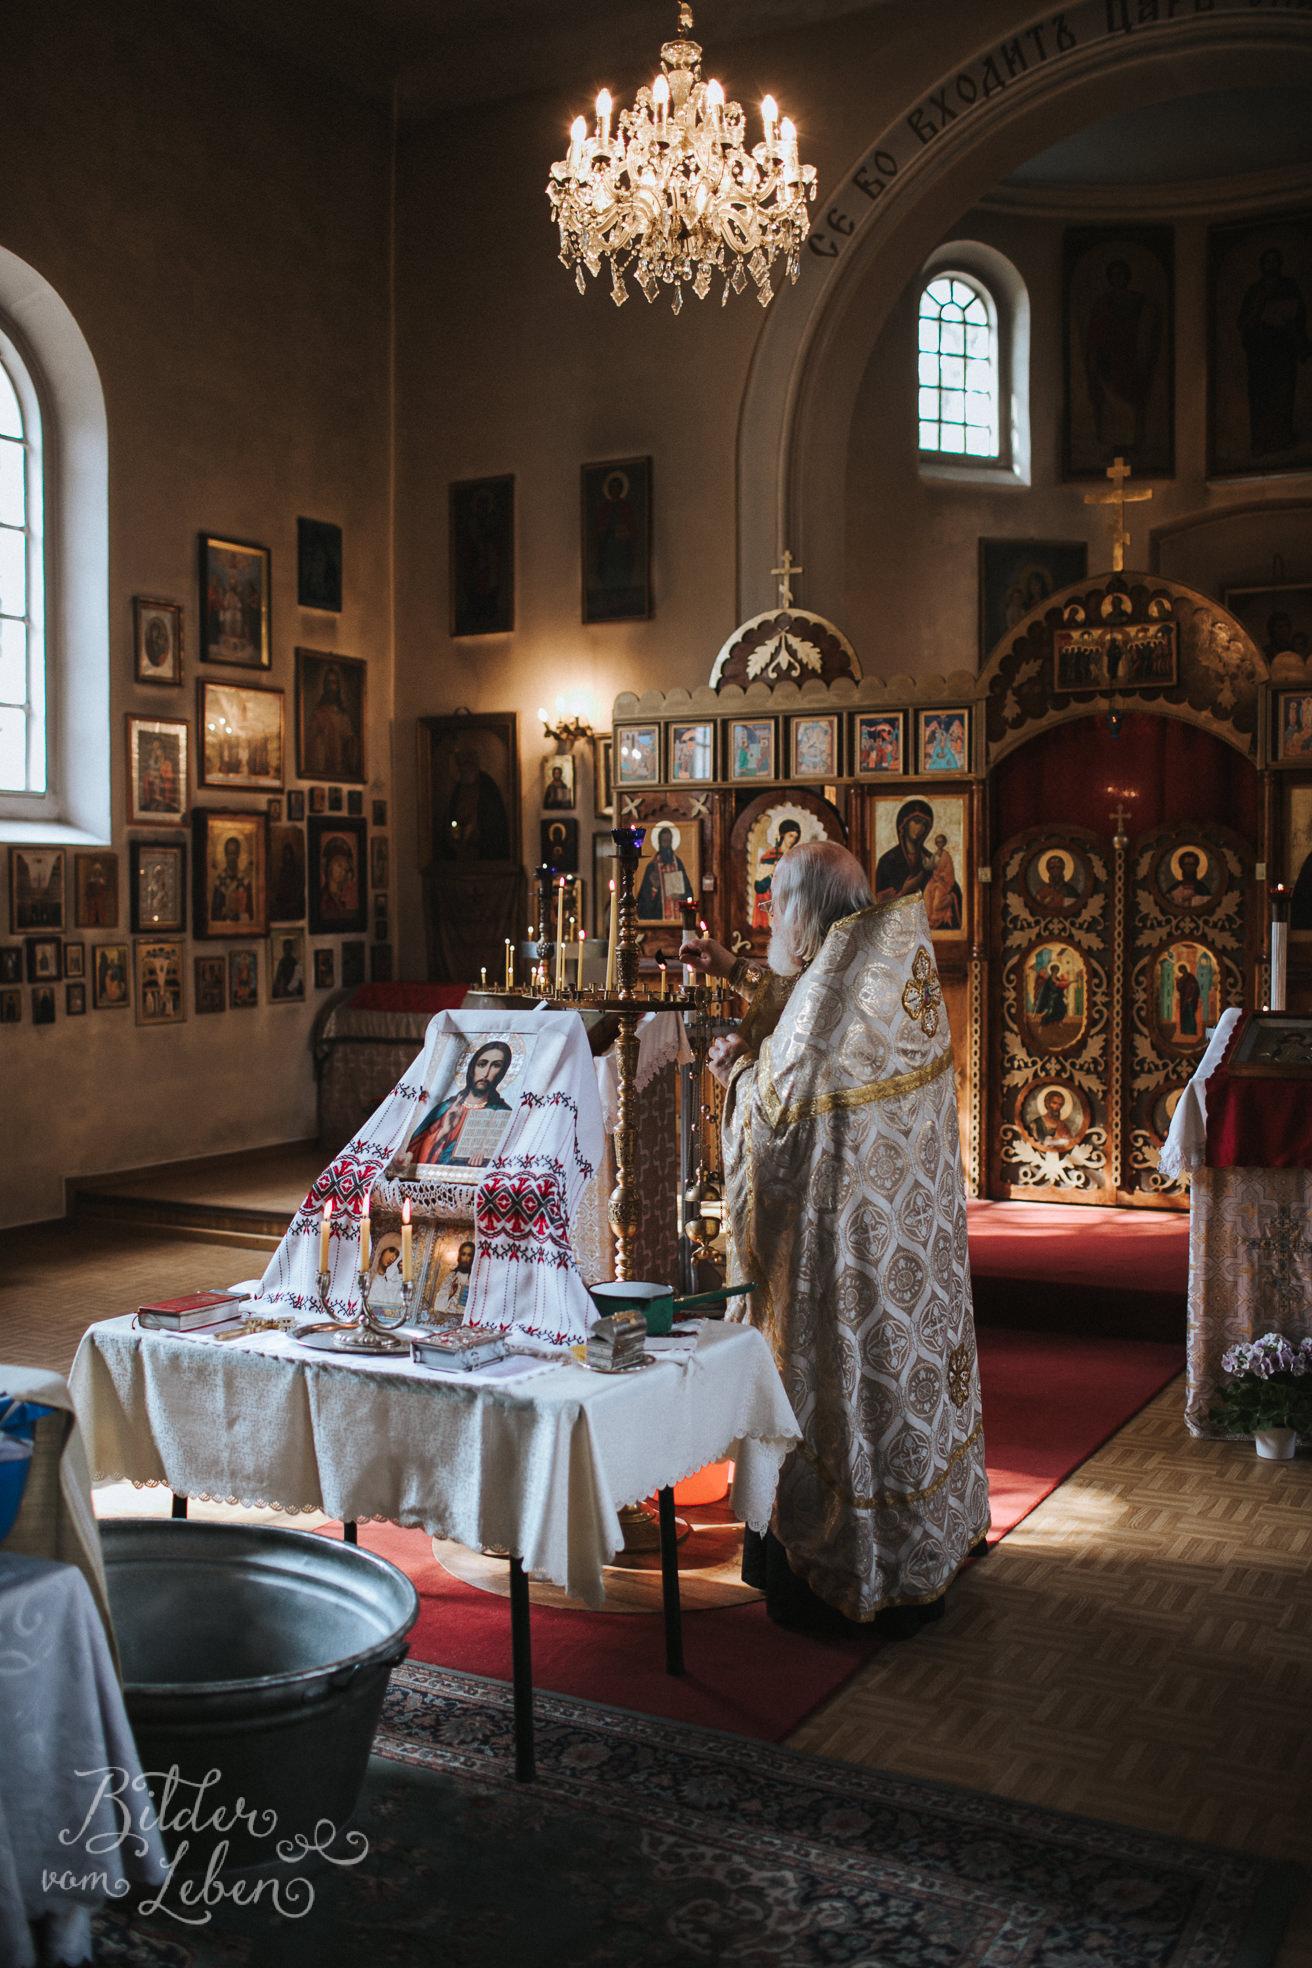 40-Russisch-orthodoxe-taufe-regensburg-mila-IM3C4910